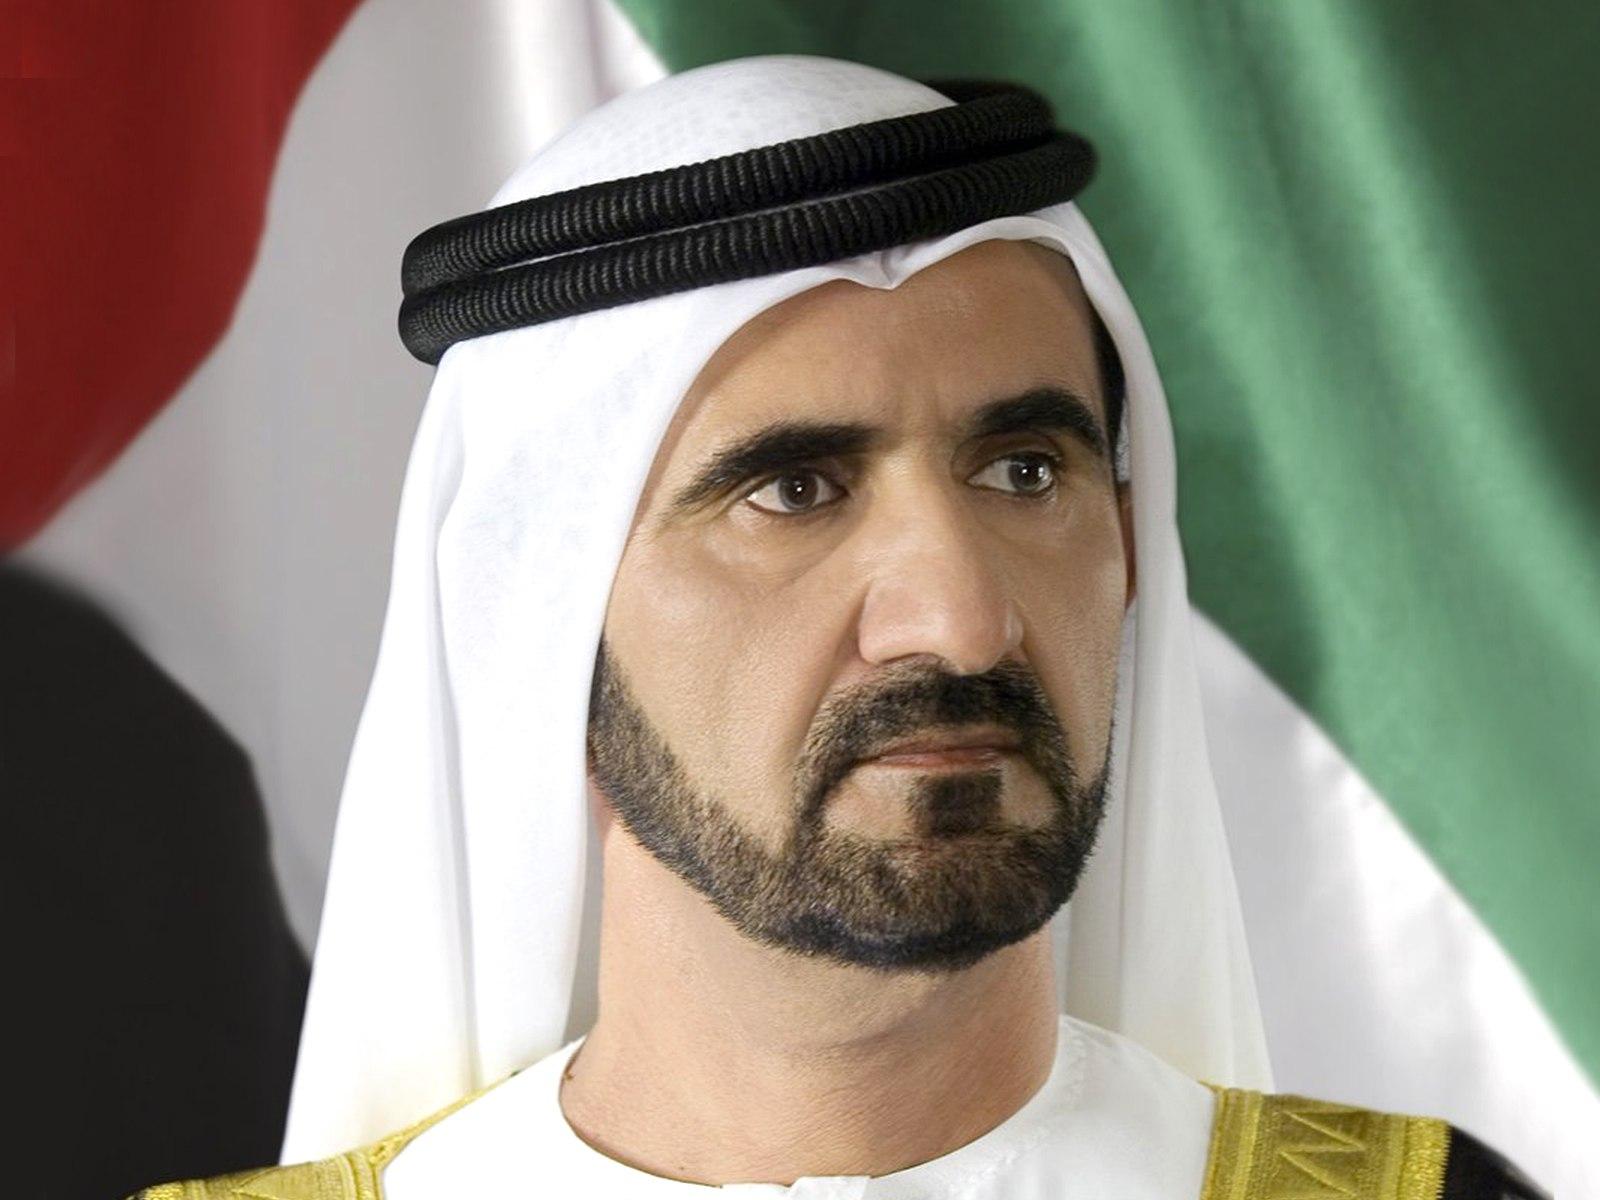 #الإمارات | #محمد_بن_راشد يصدر مرسوما بإلغاء لجنة قضائية خاصة